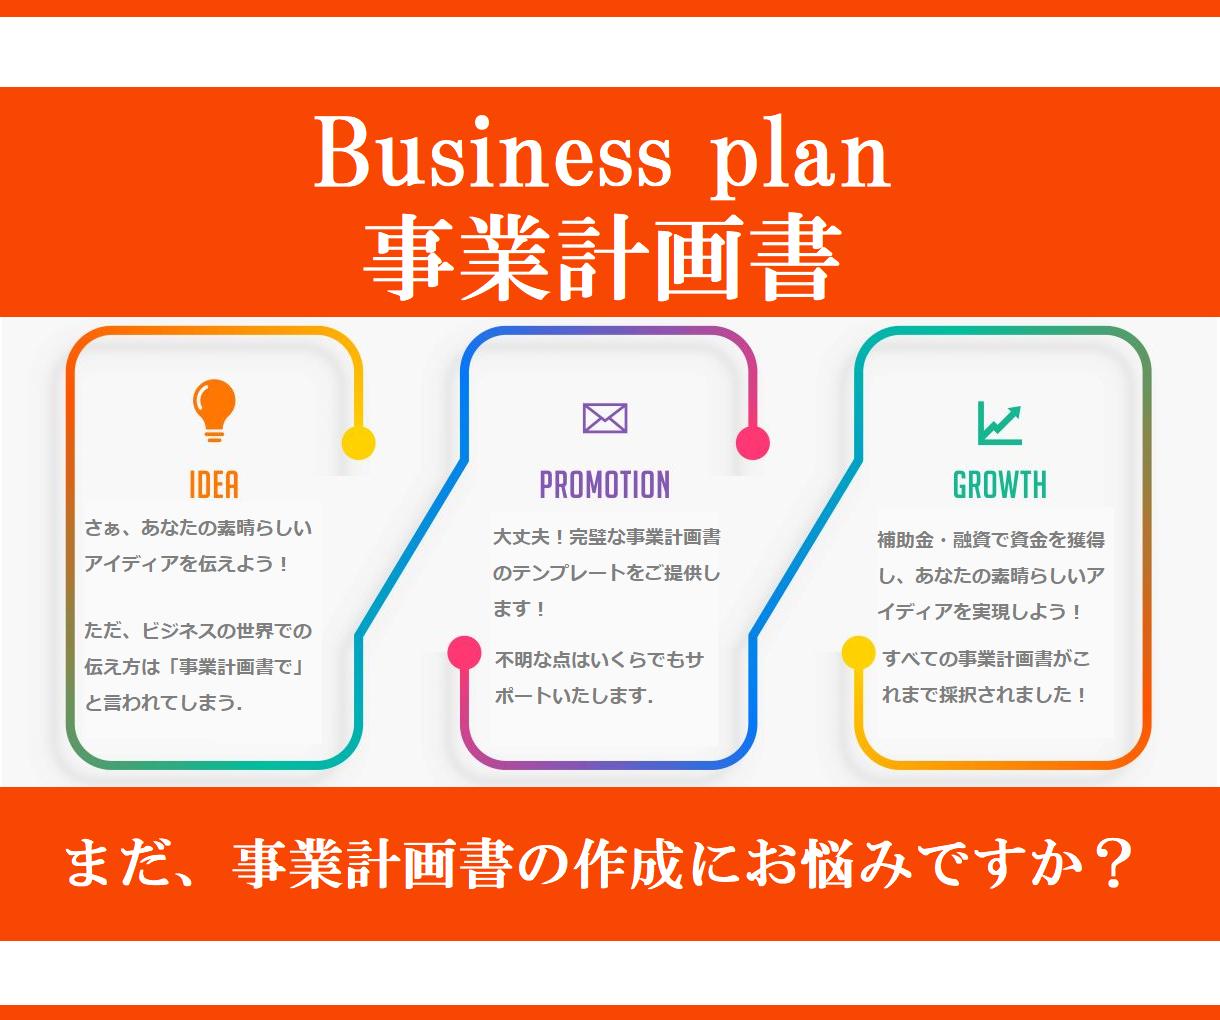 小規模事業者持続化補助金の完璧な事業計画書できます 応募した38人全員が採択された事業計画書のテンプレートです! イメージ1